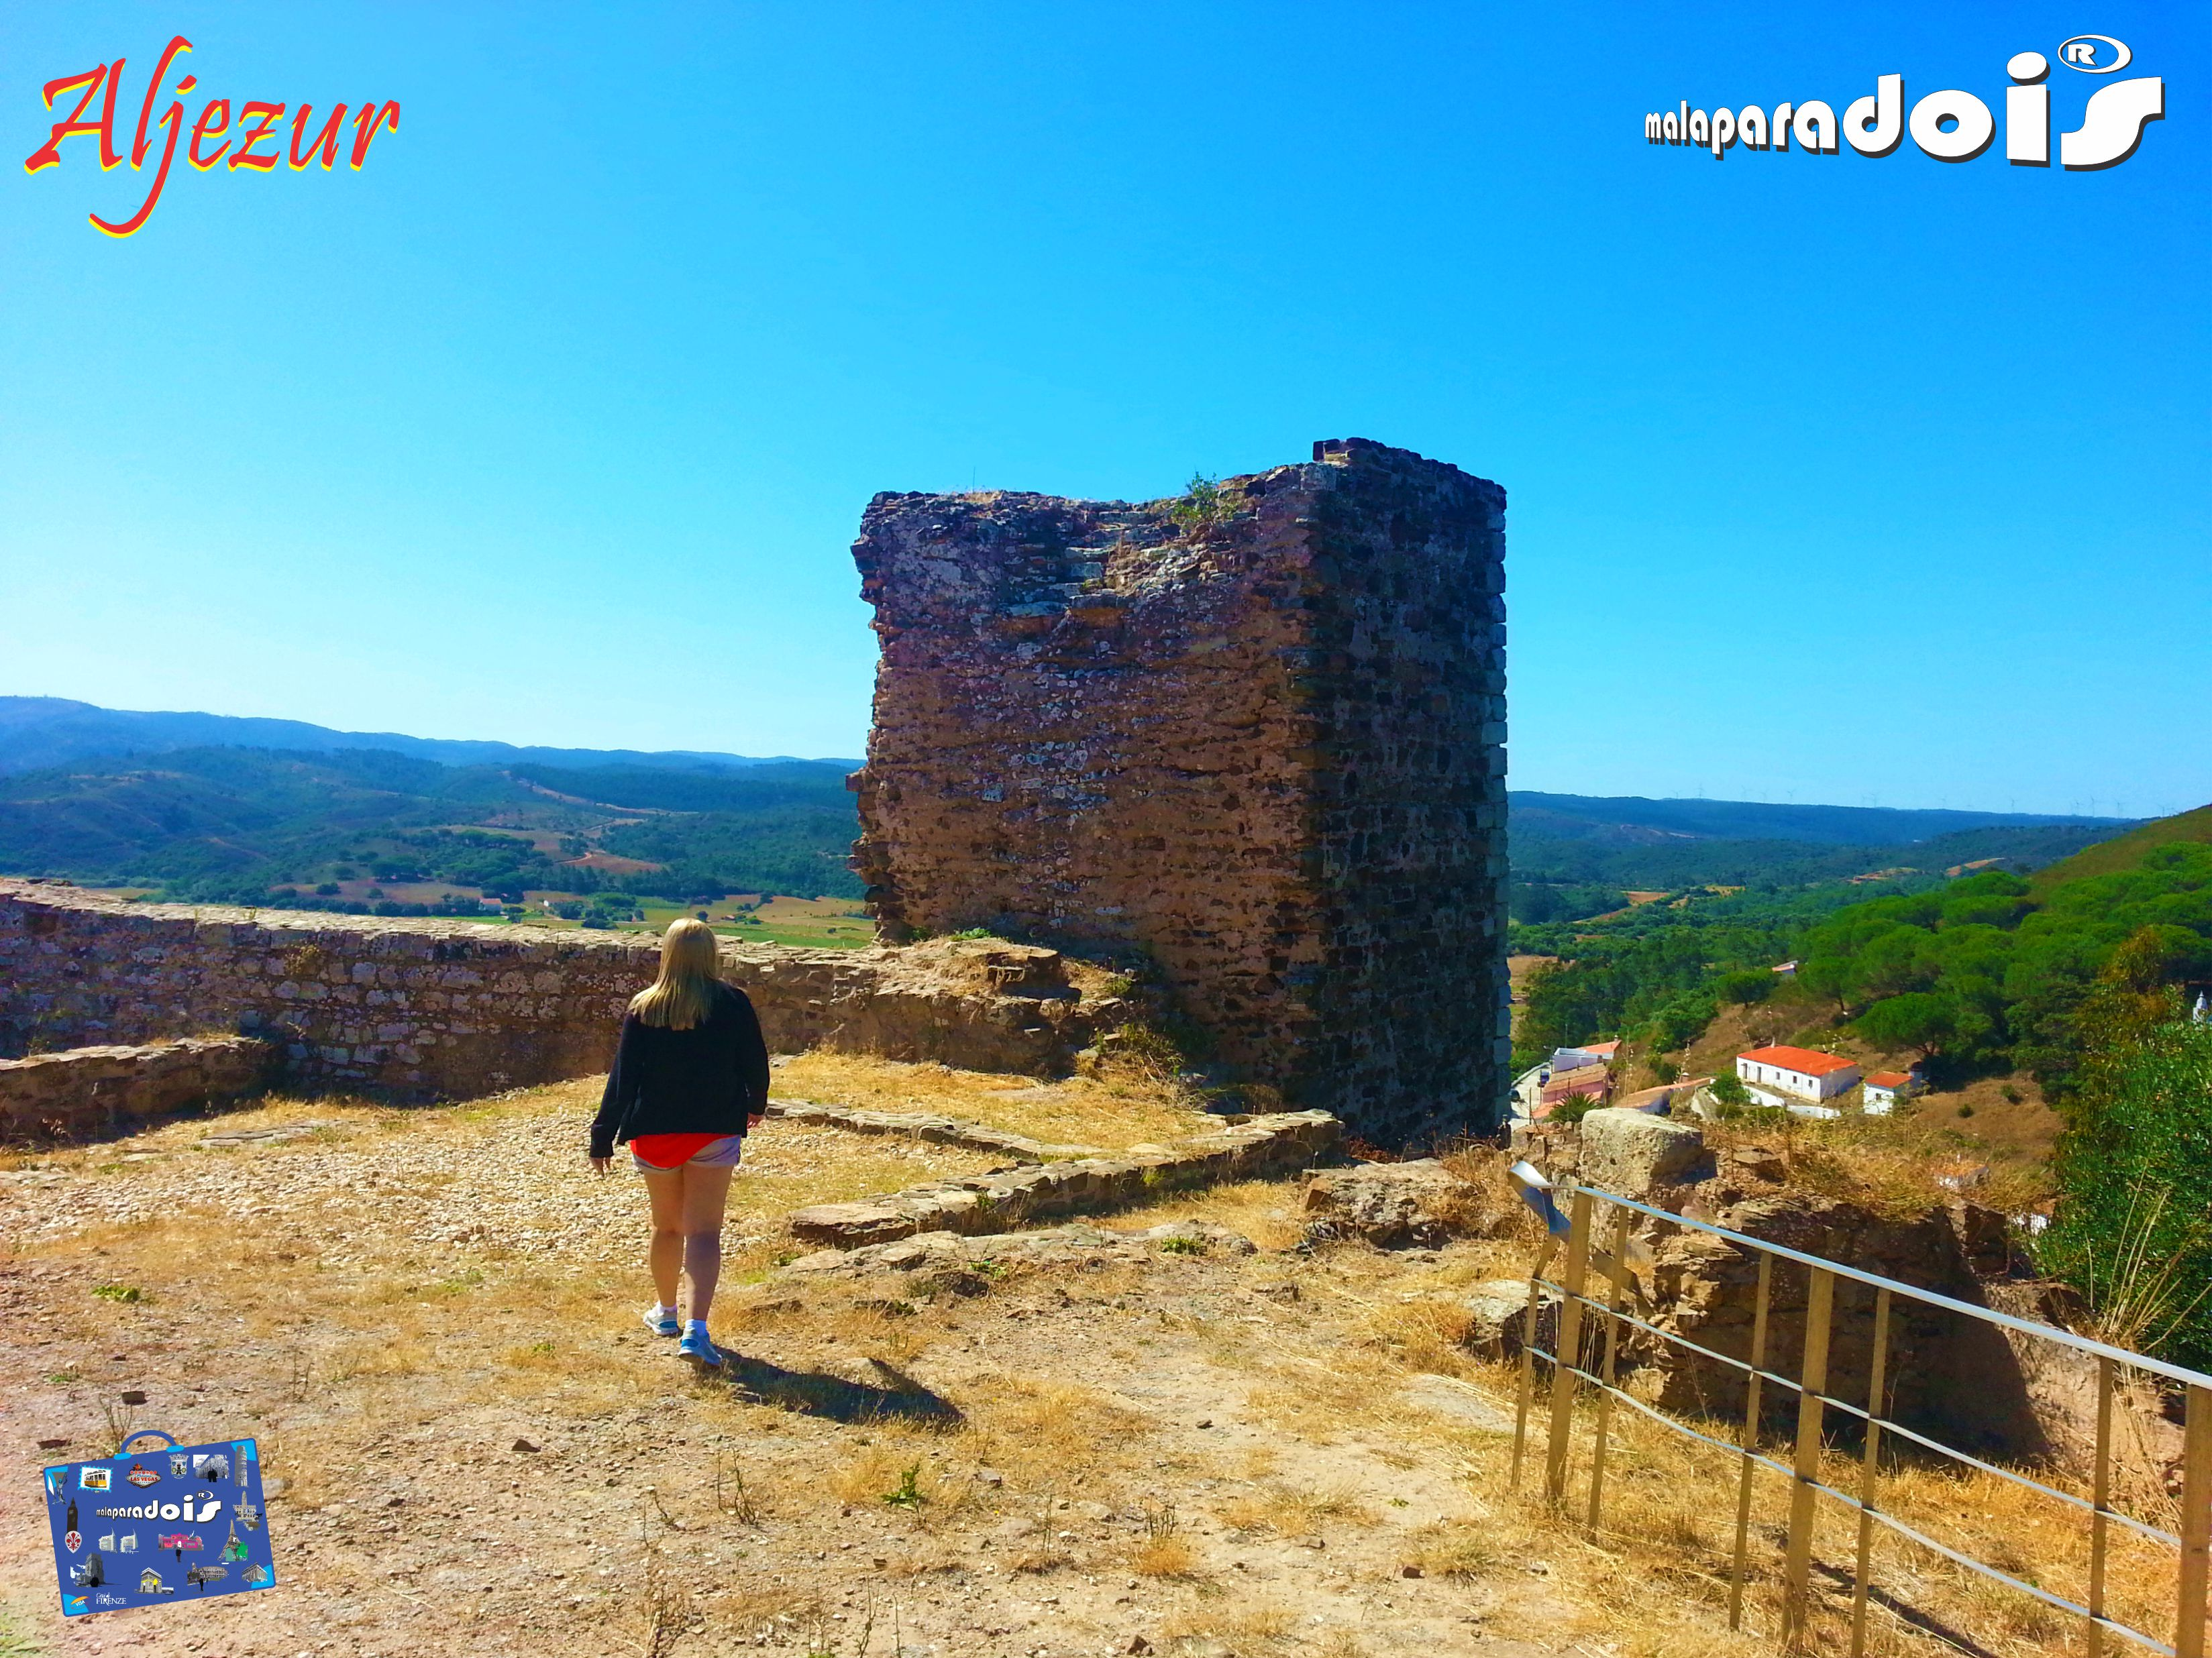 Castelo de Aljezur